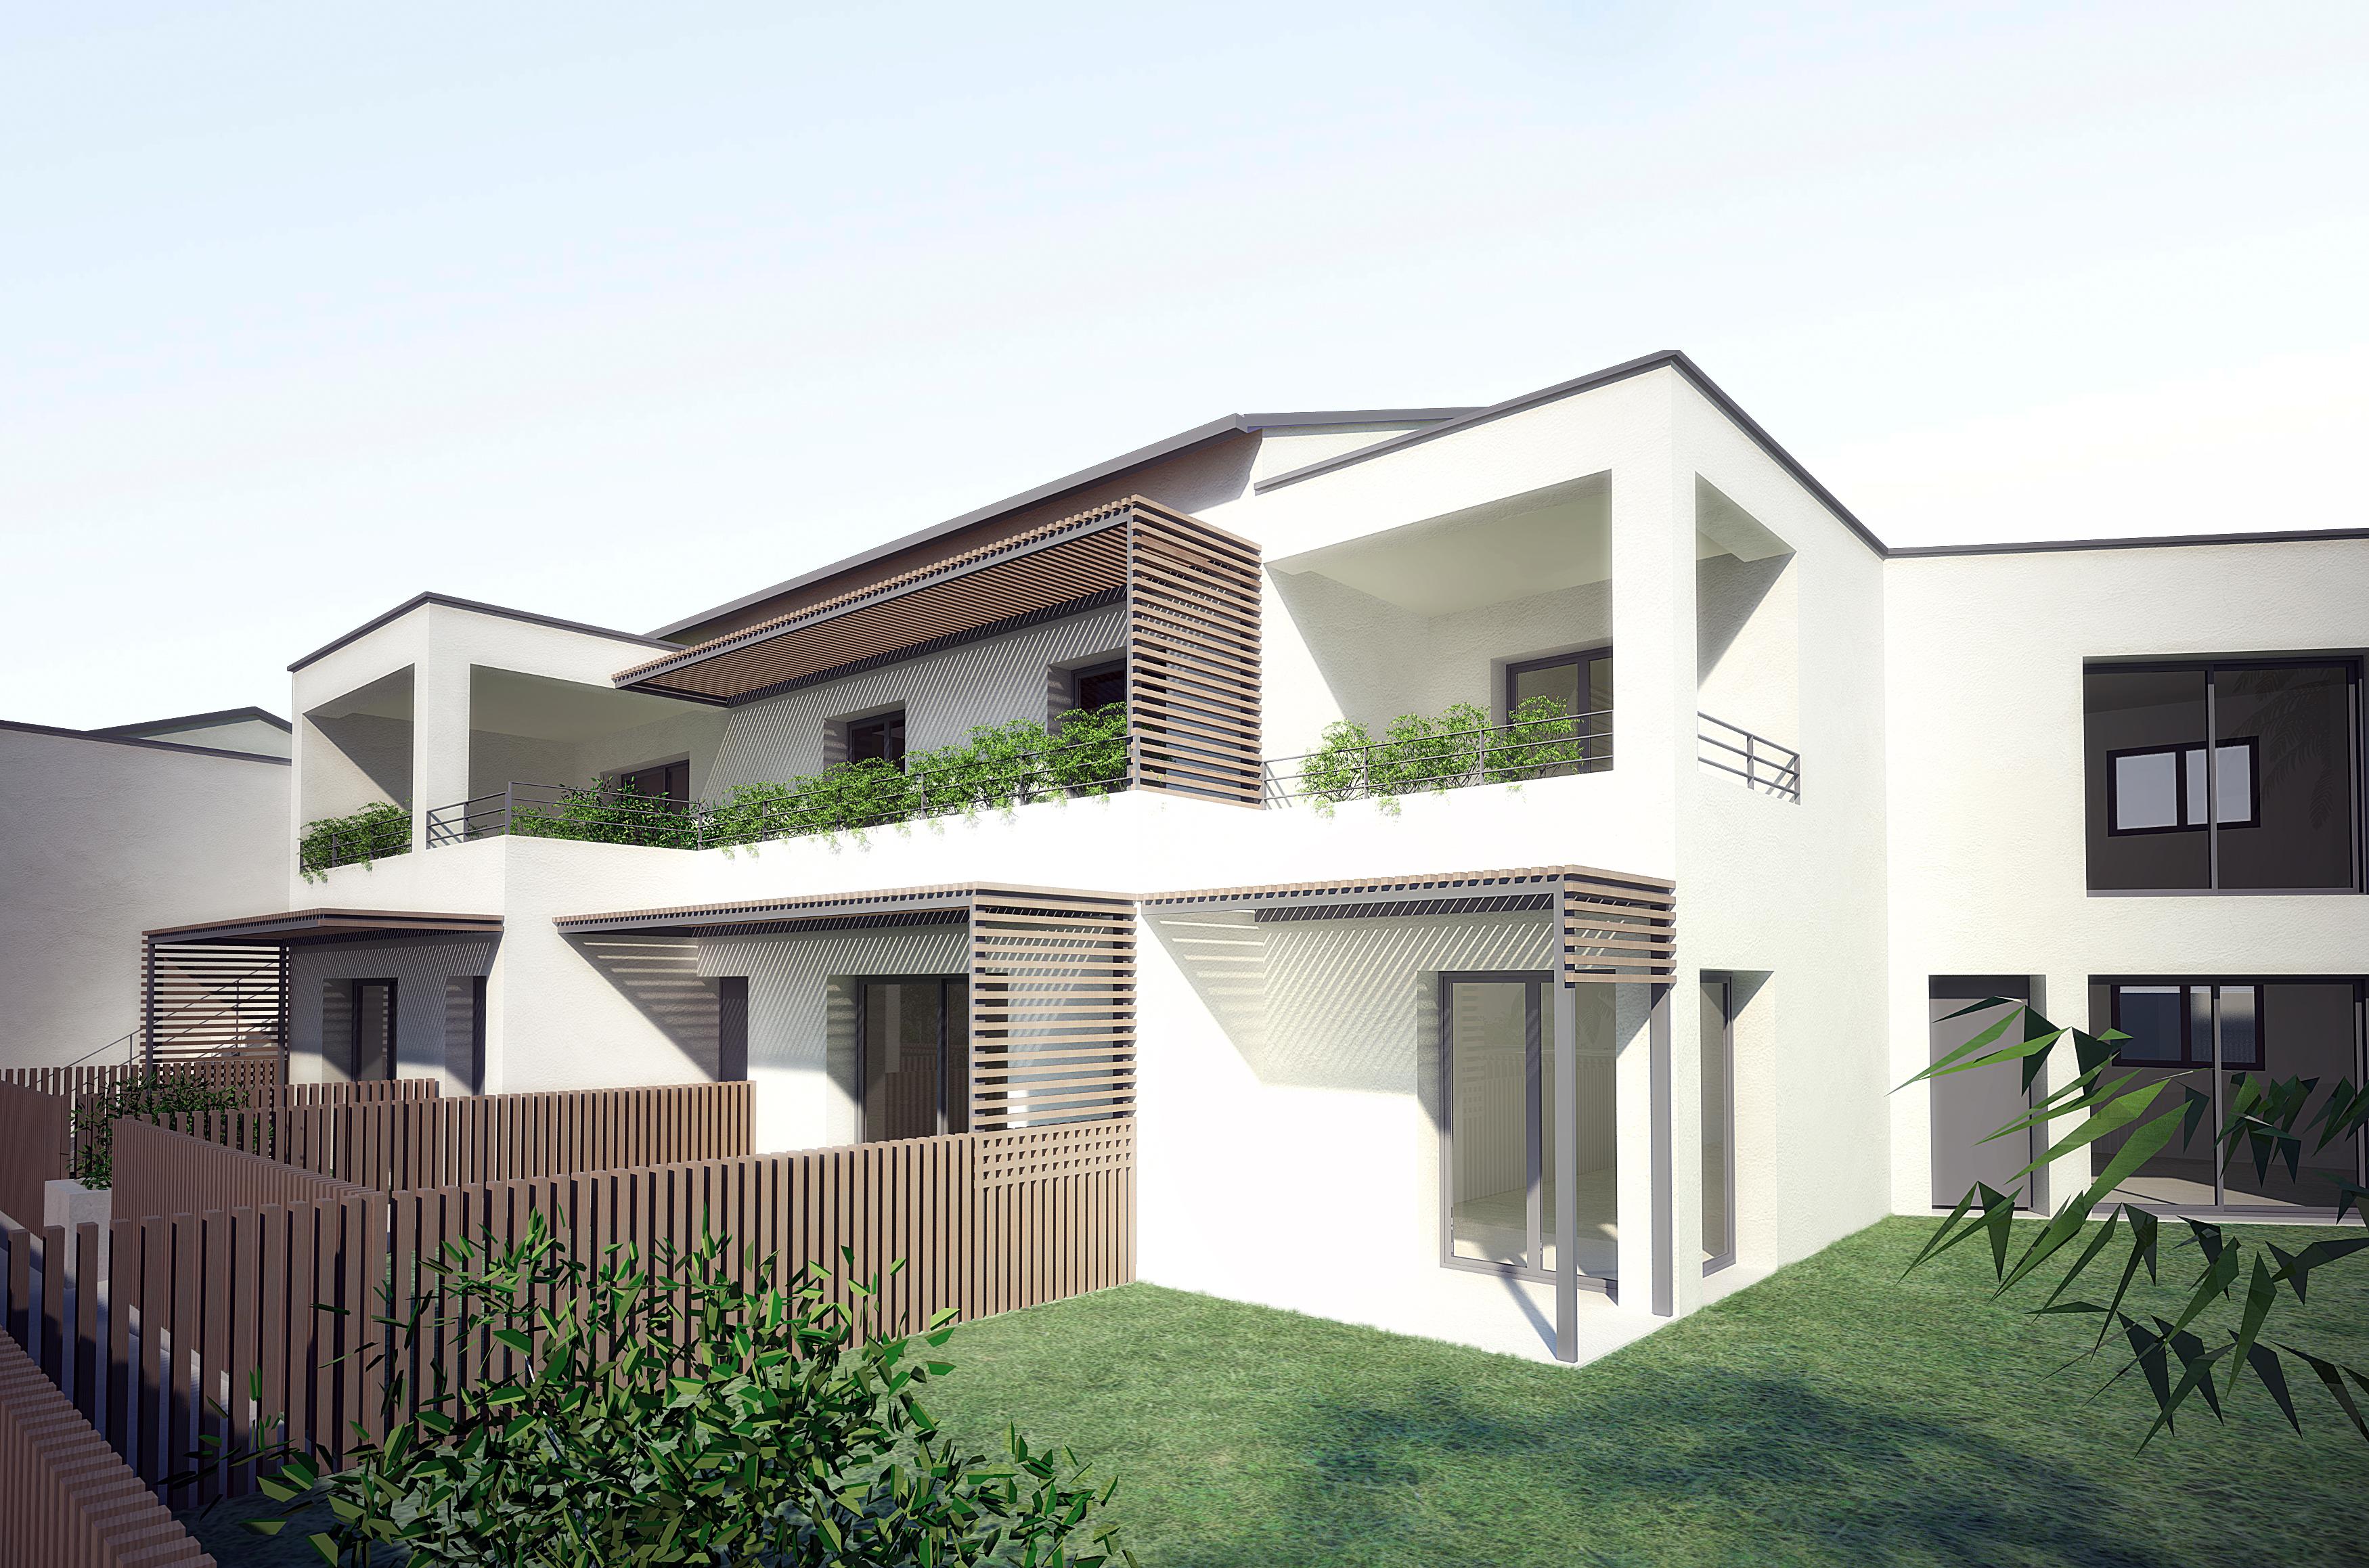 olivier-stadler-architecte-roquebrune-3